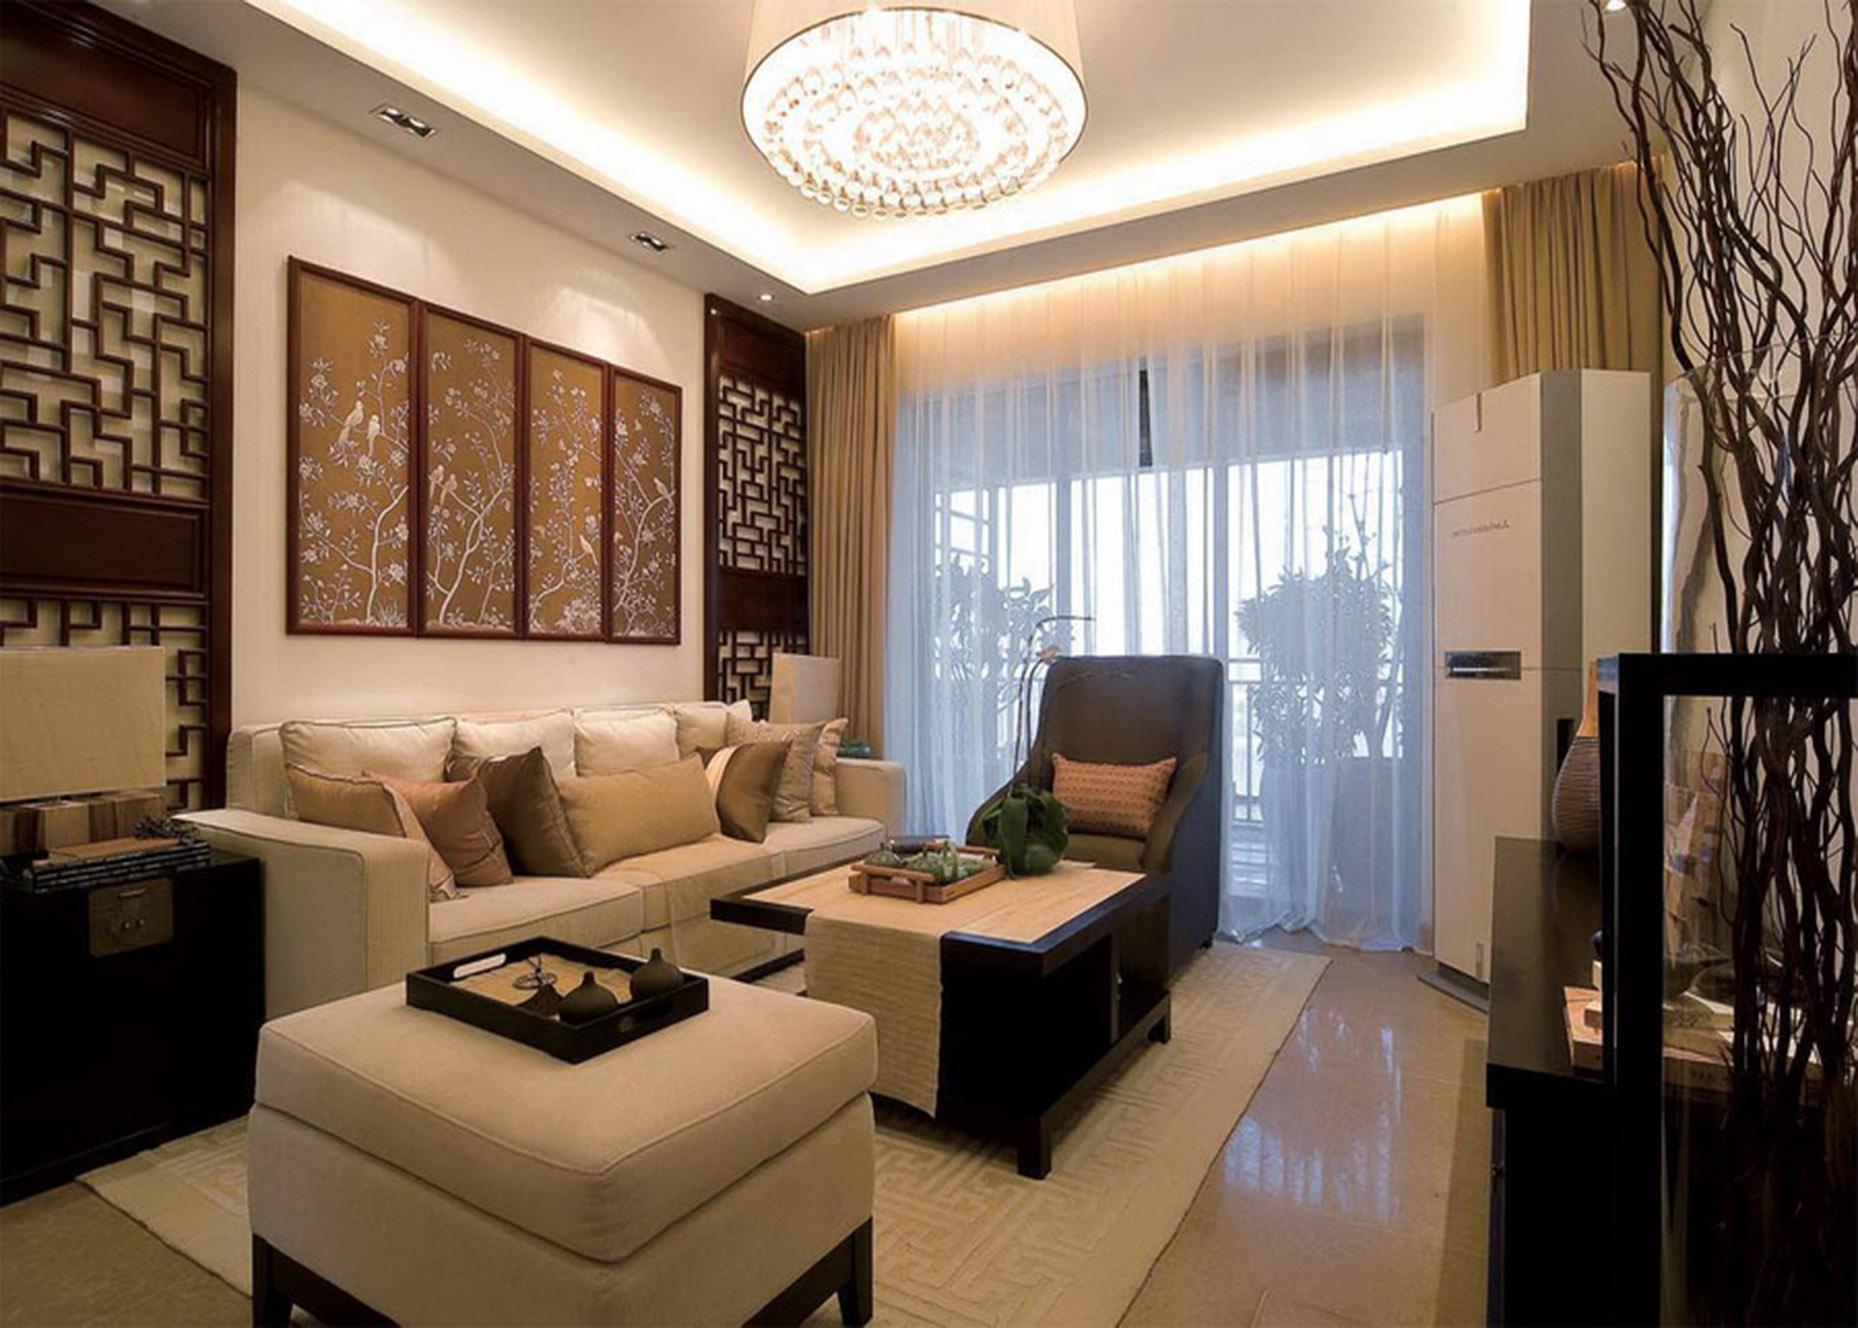 简约 小资 三居 客厅图片来自贾凤娇在自然简朴定制经典中式家居的分享